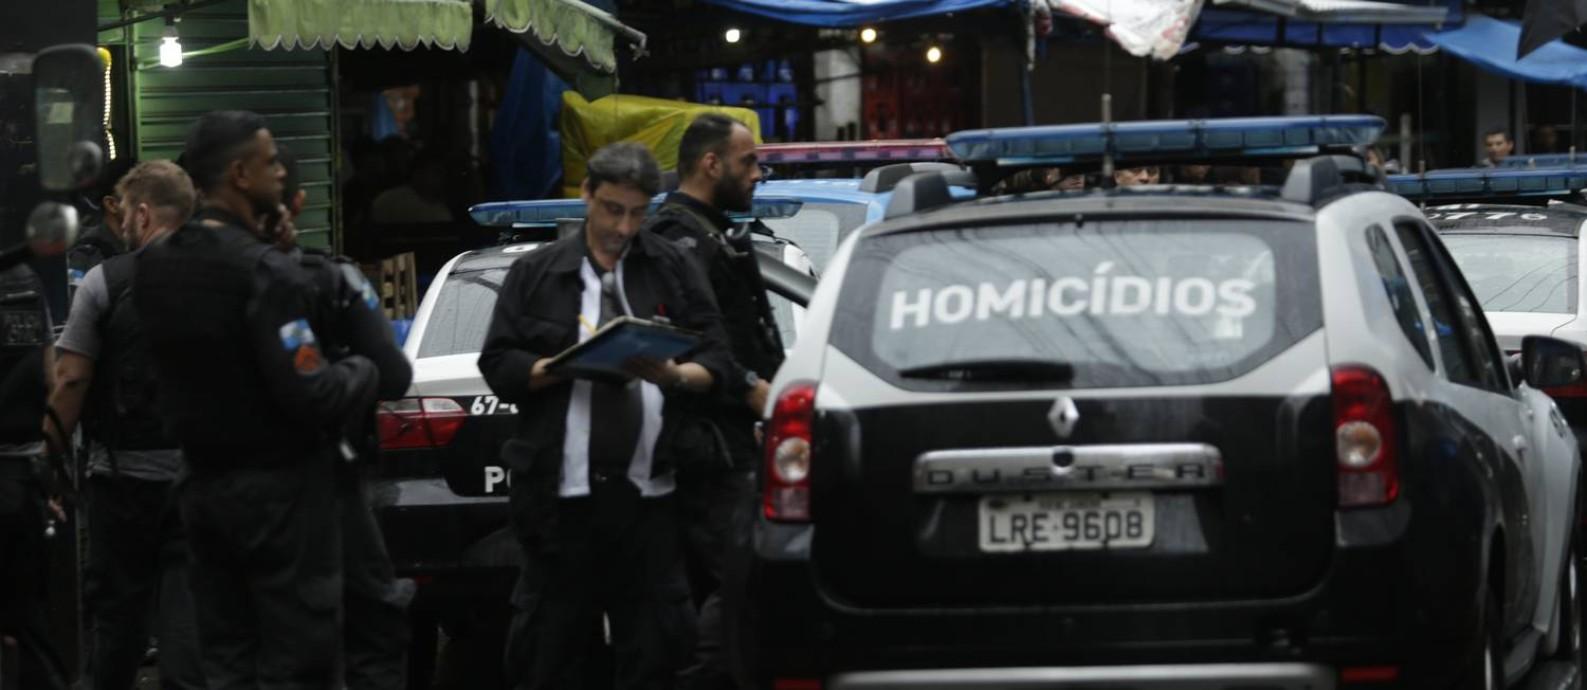 Polícia Civil só resolve um homicídio a cada oito no Rio, que tem uma das piores  taxas de elucidação do país - Época